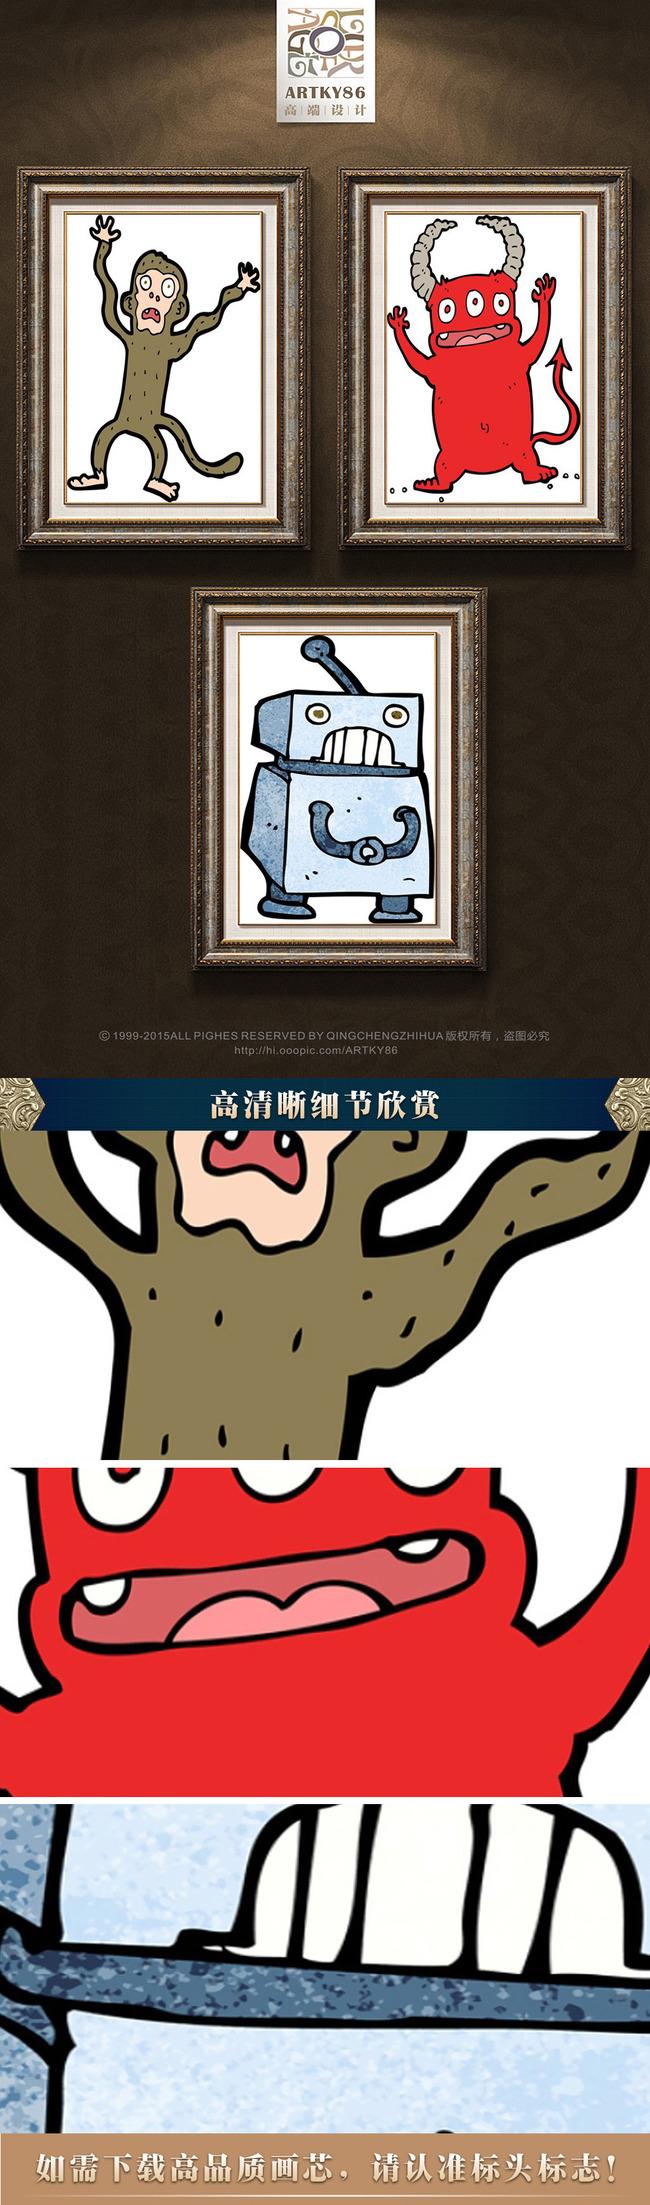 可爱卡通猴子猩猩机器人大嘴怪儿童房油画